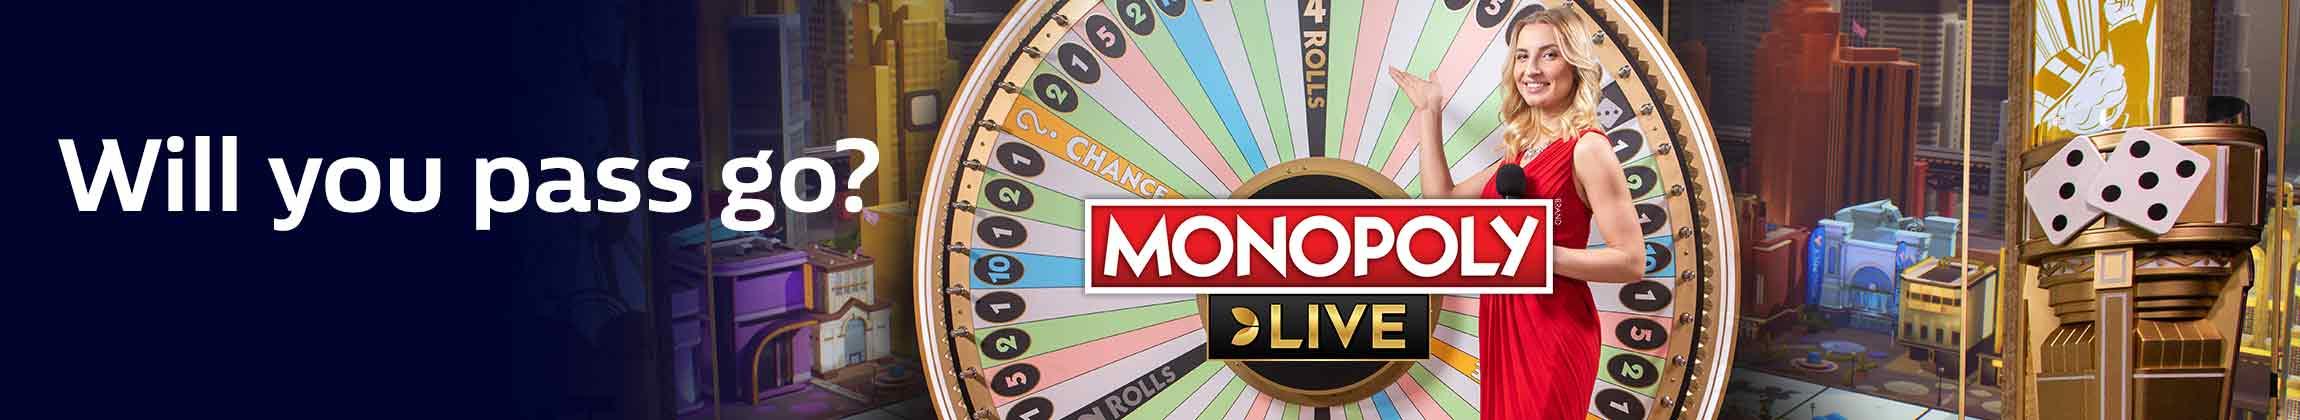 Take a chance on Monopoly Live